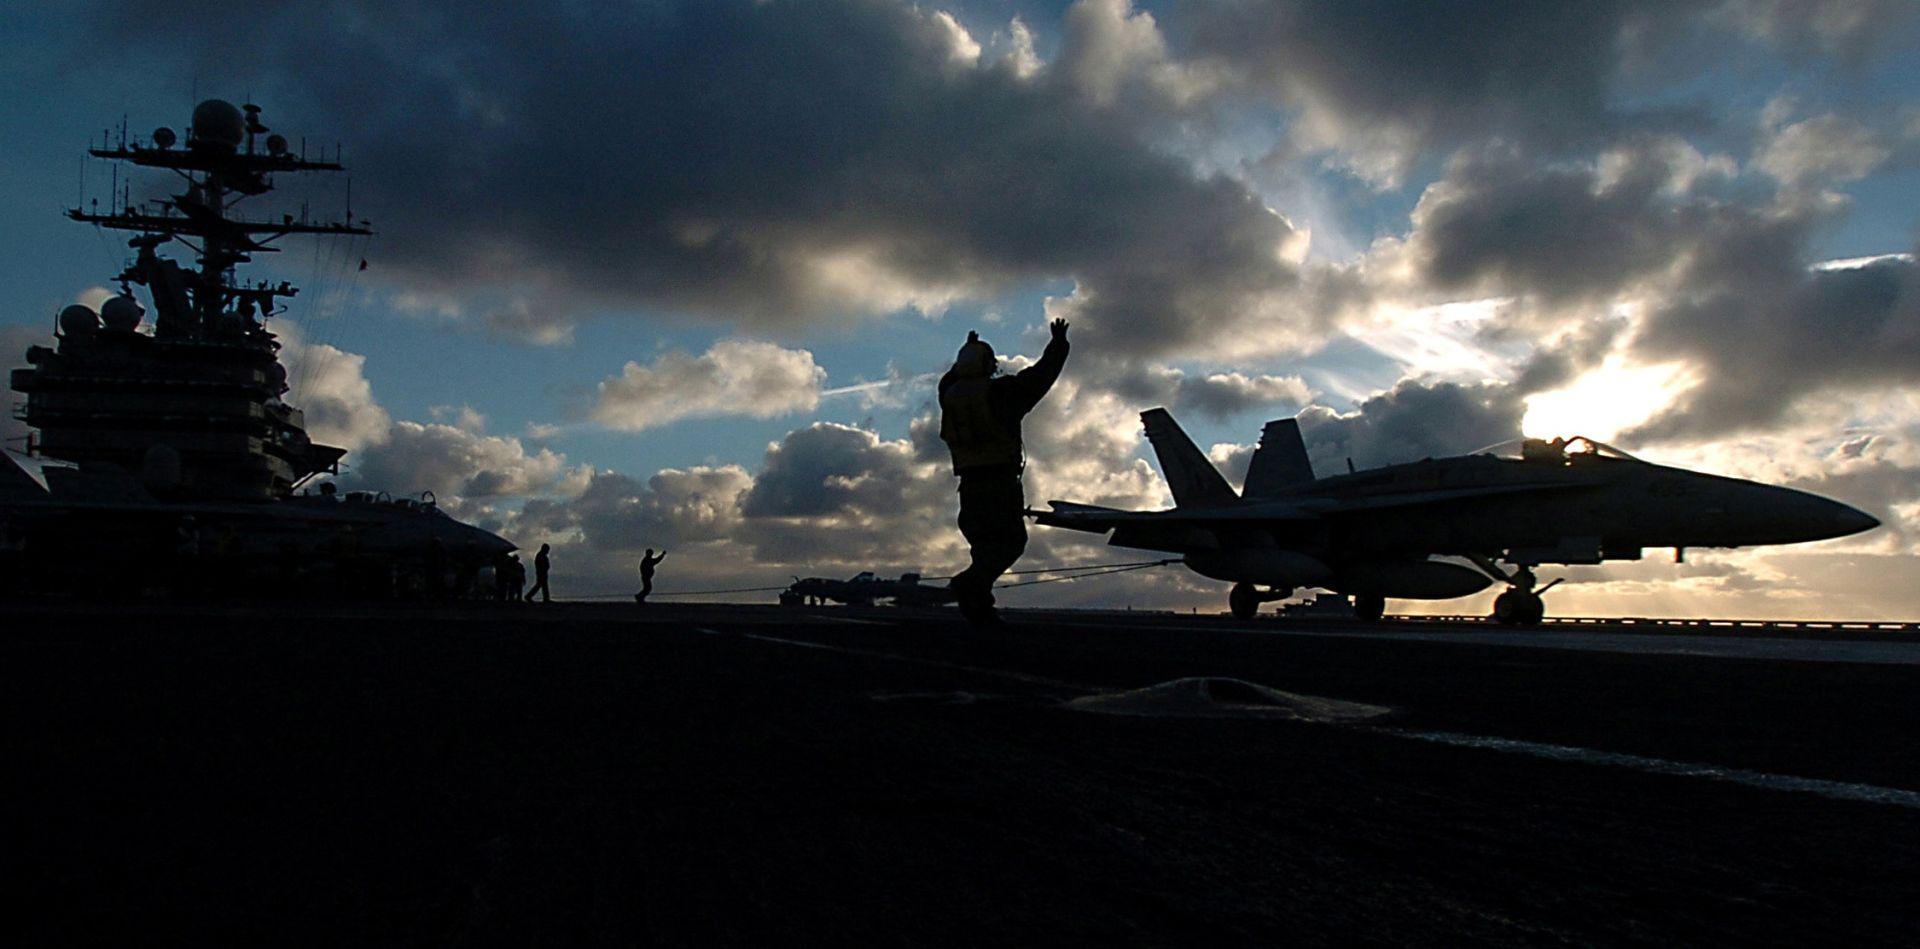 Francuska šalje najveći nosač zrakoplova u borbu protiv islamista u Siriji i Iraku